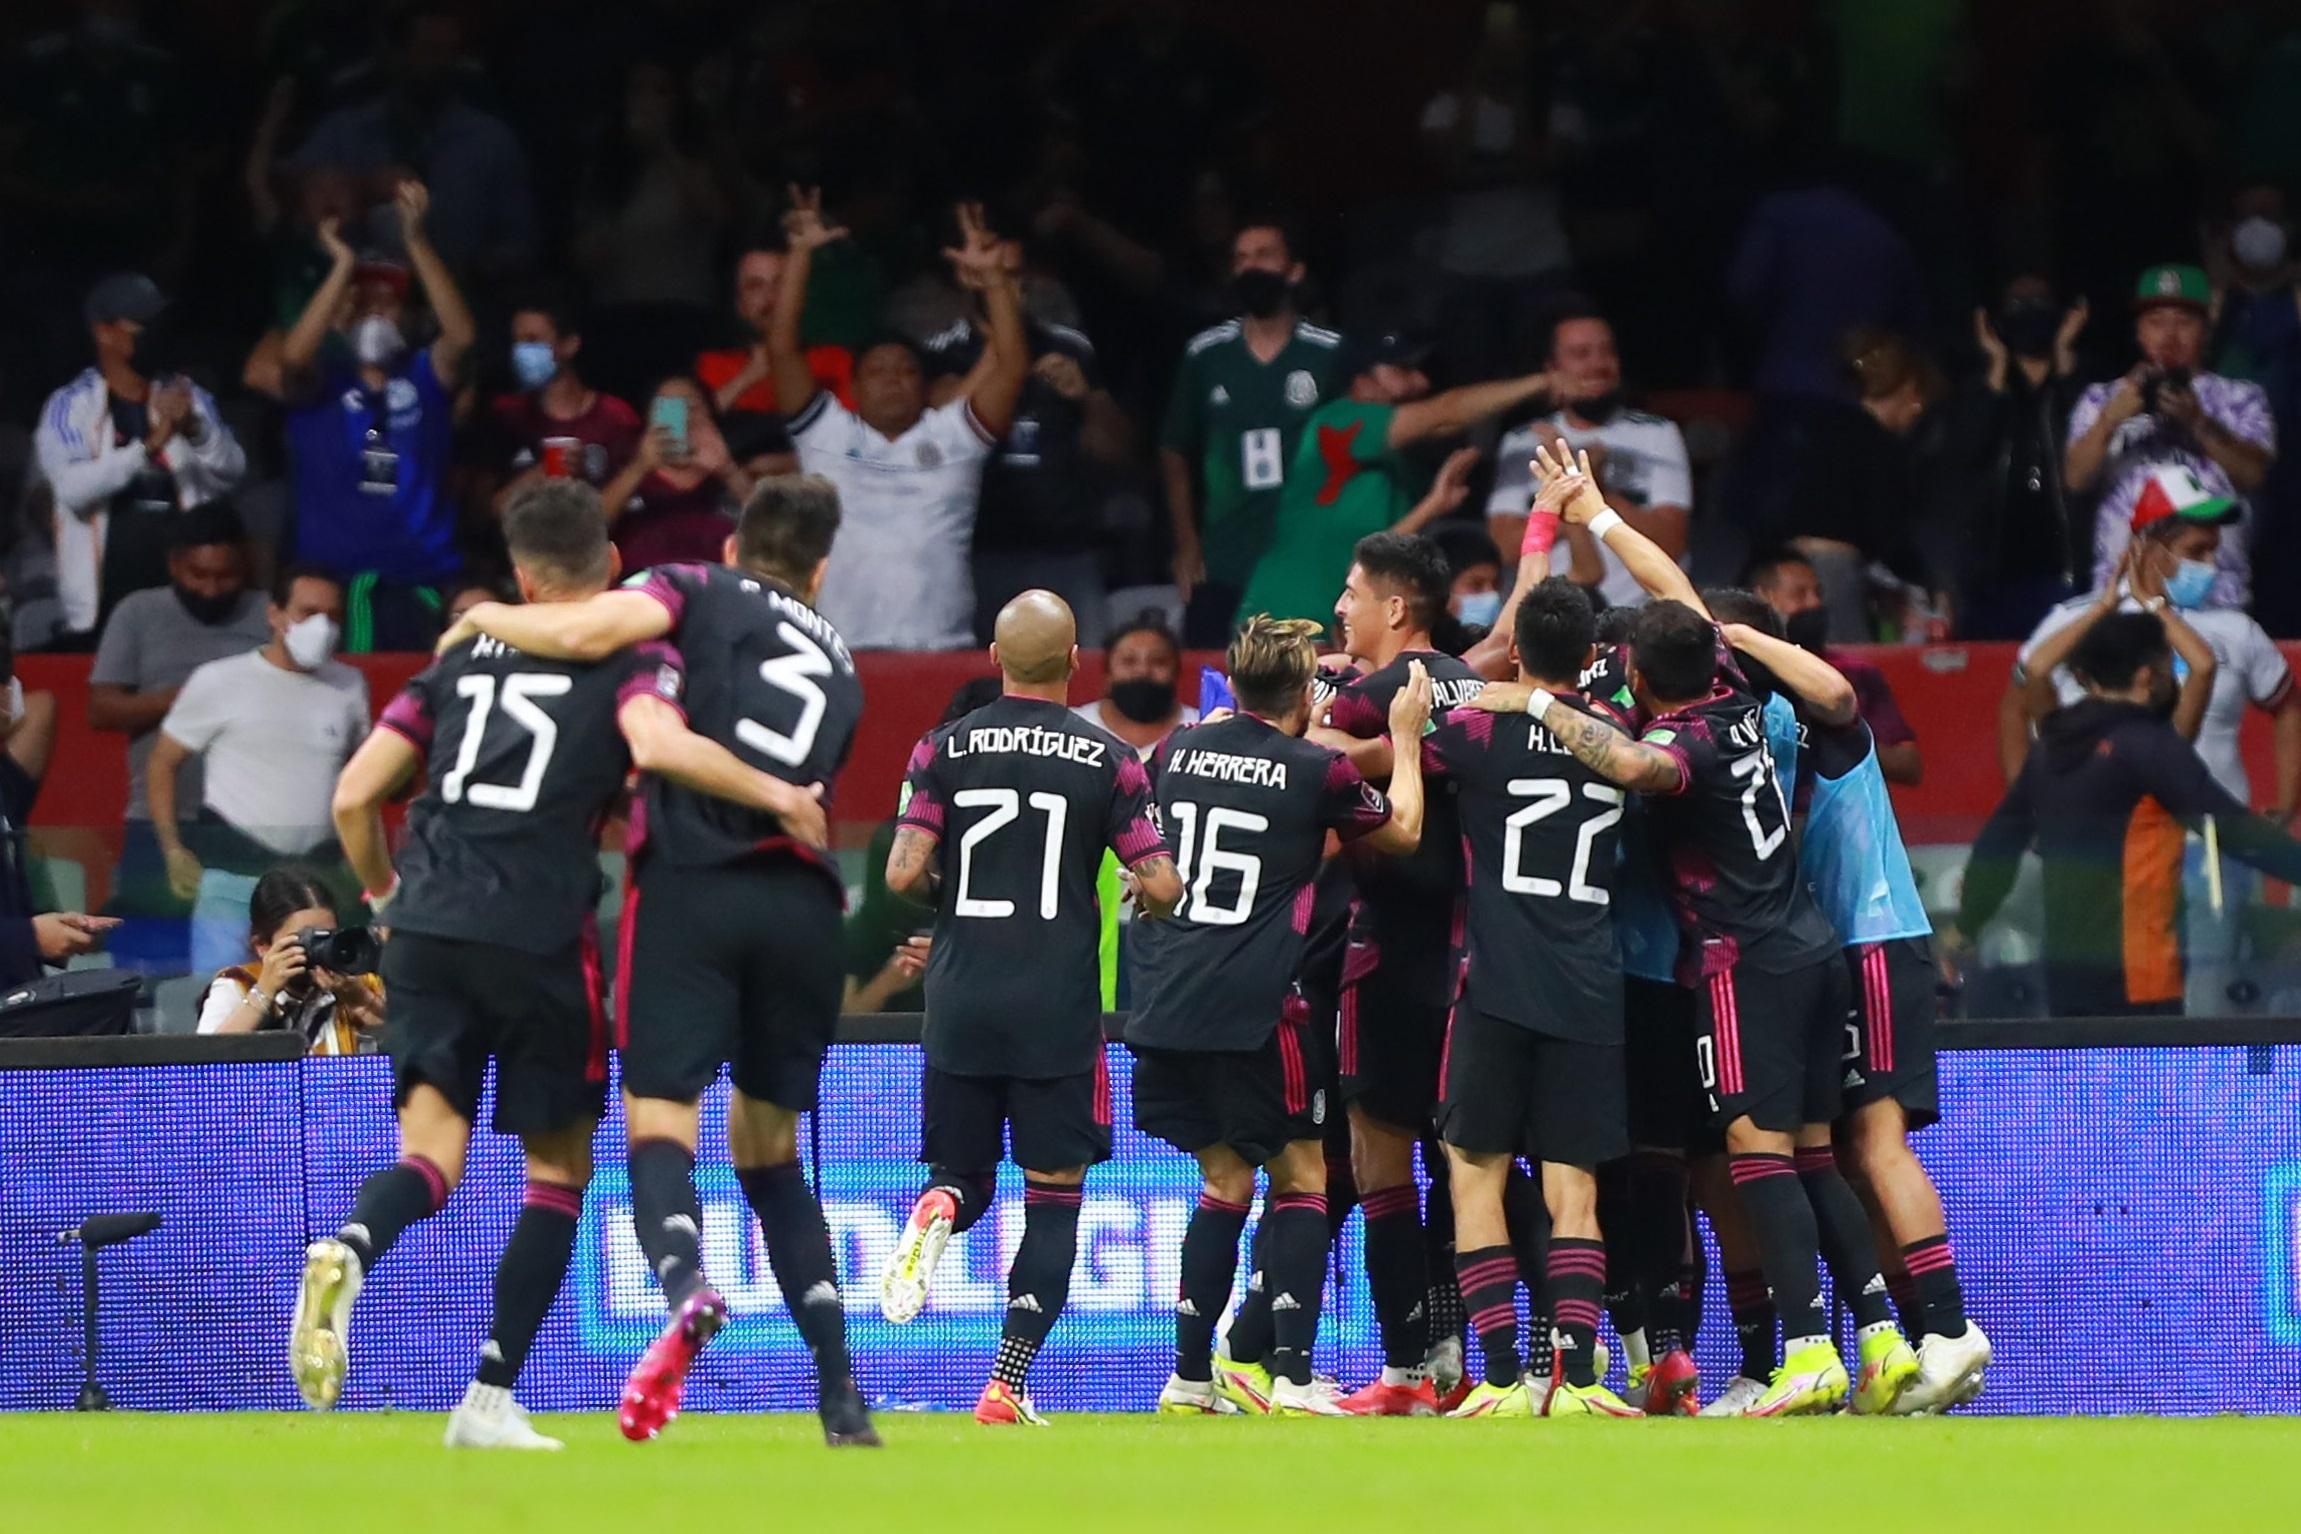 México venció 3-0 a Honduras en octagonal de Concacaf contra Qatar-2022 - prensa Libre